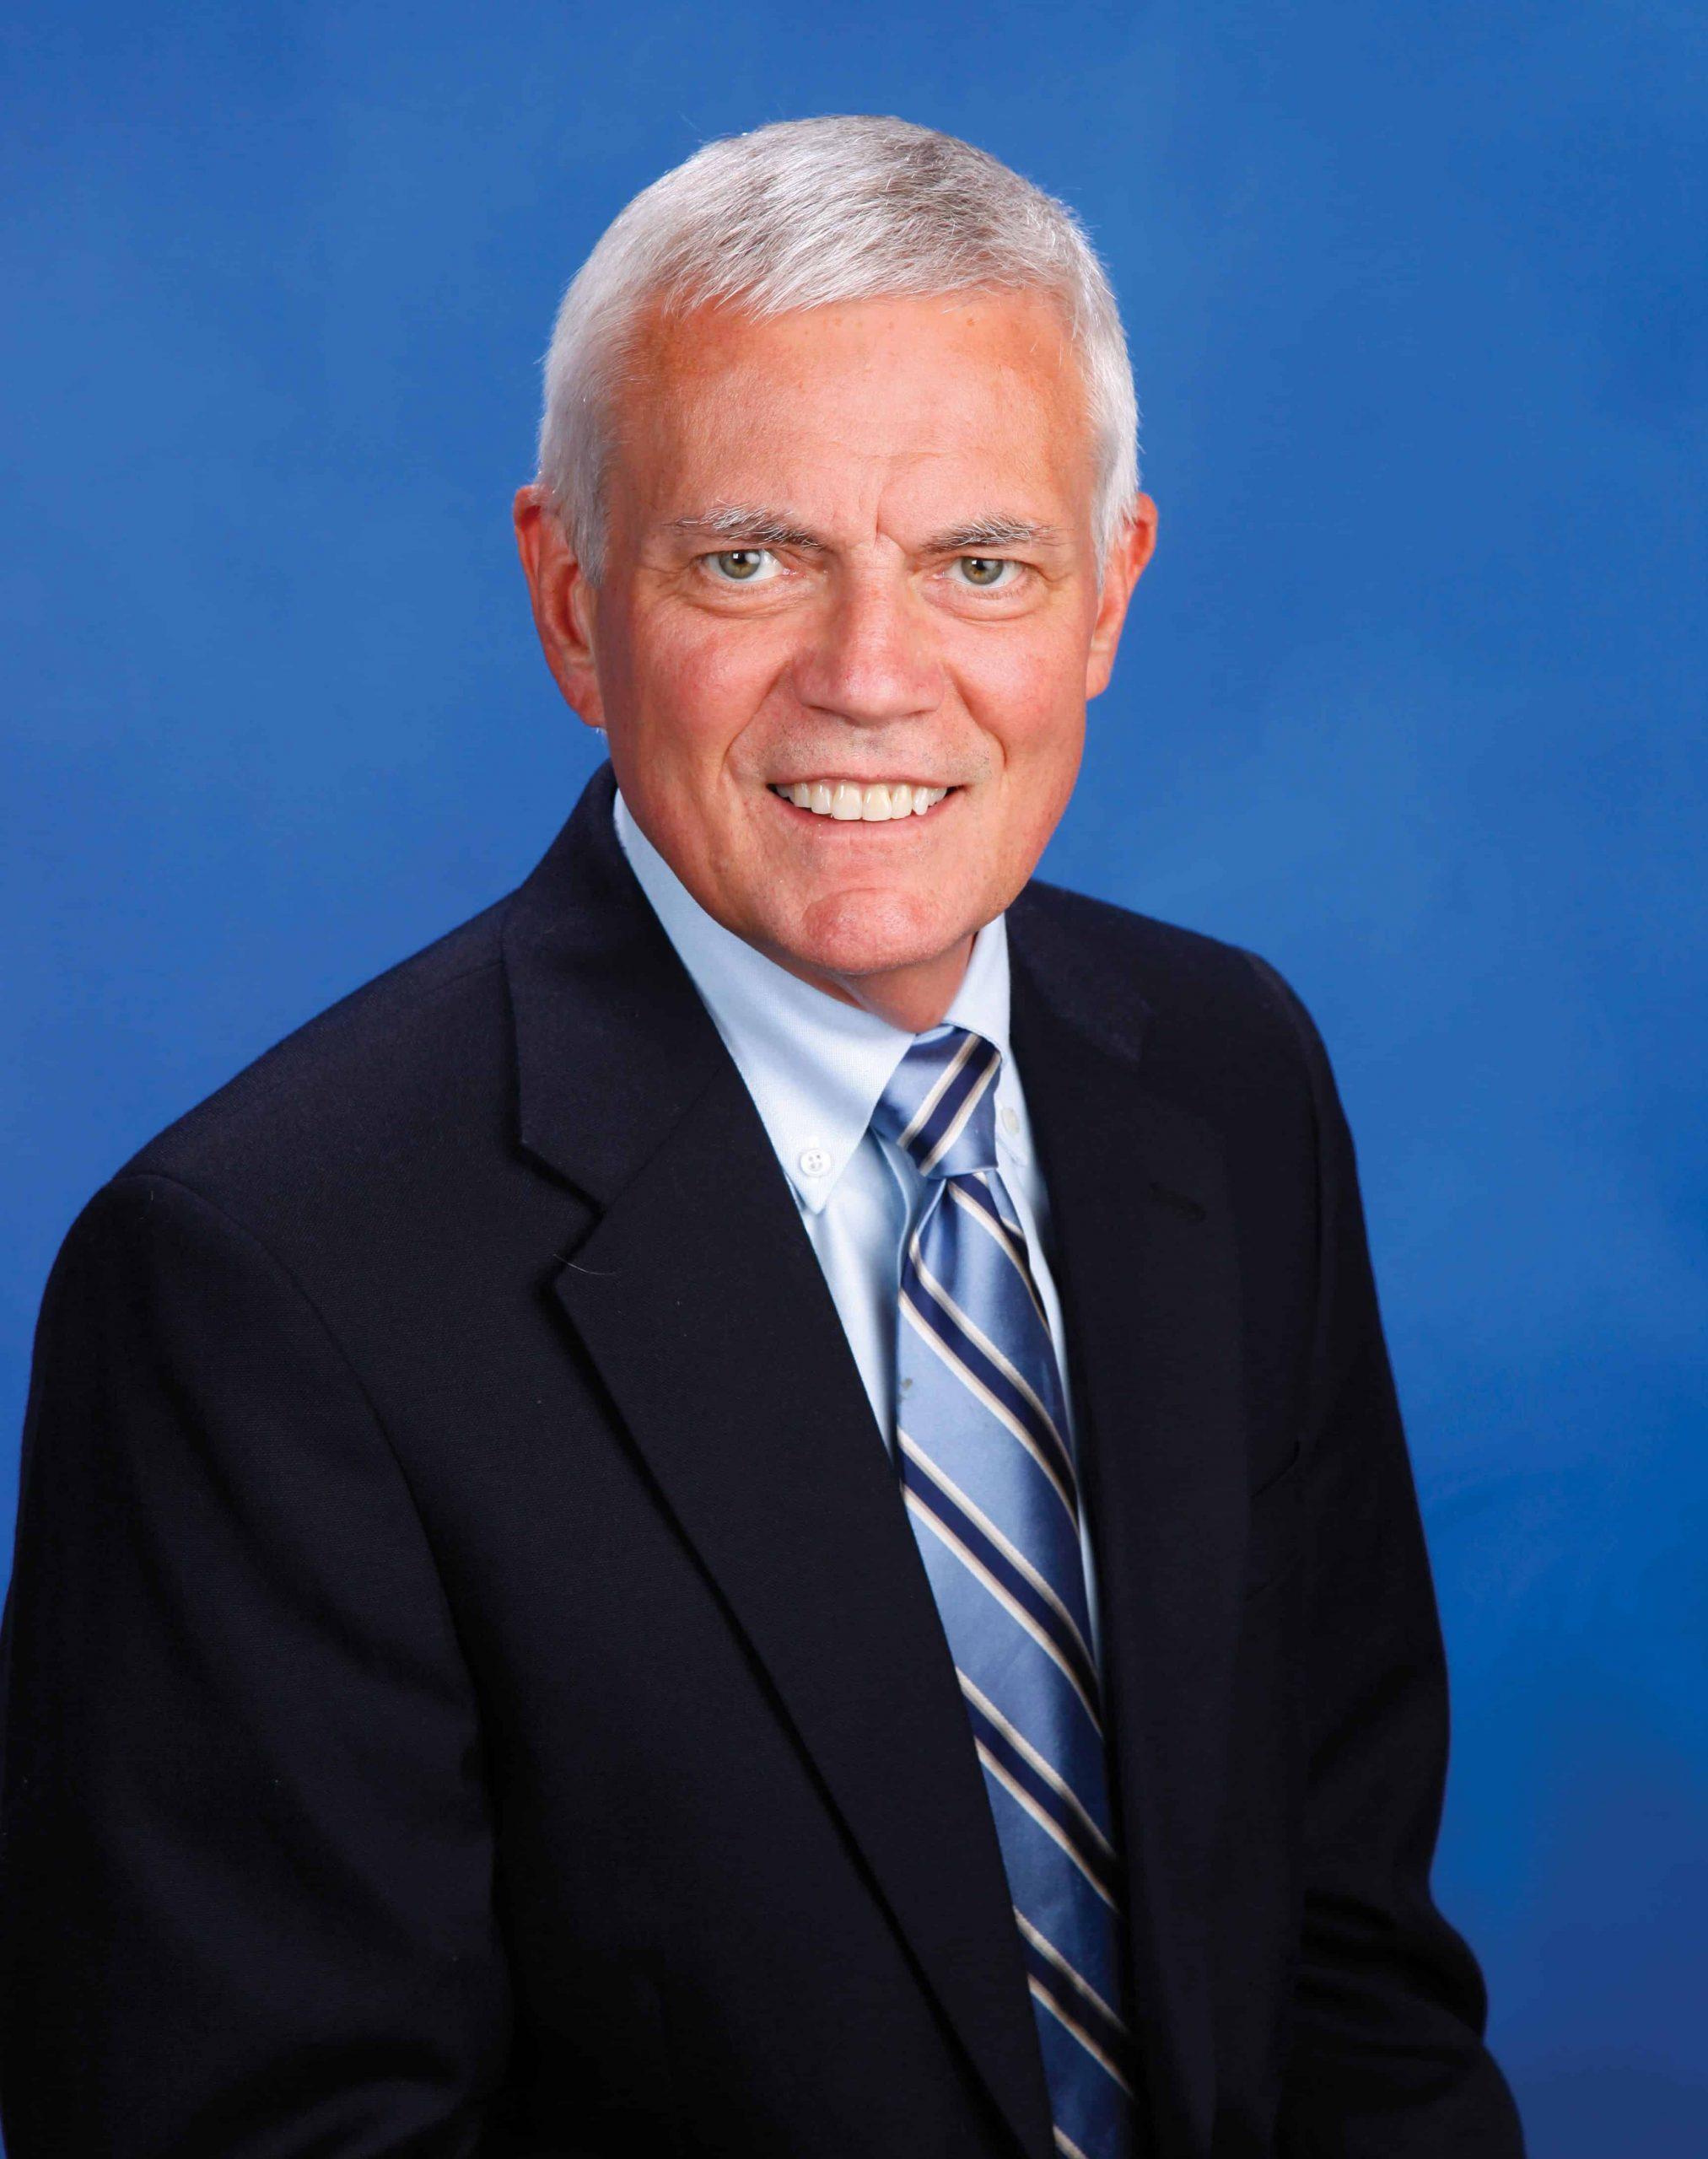 Gary S. Olson, MD, FAAP, FCP